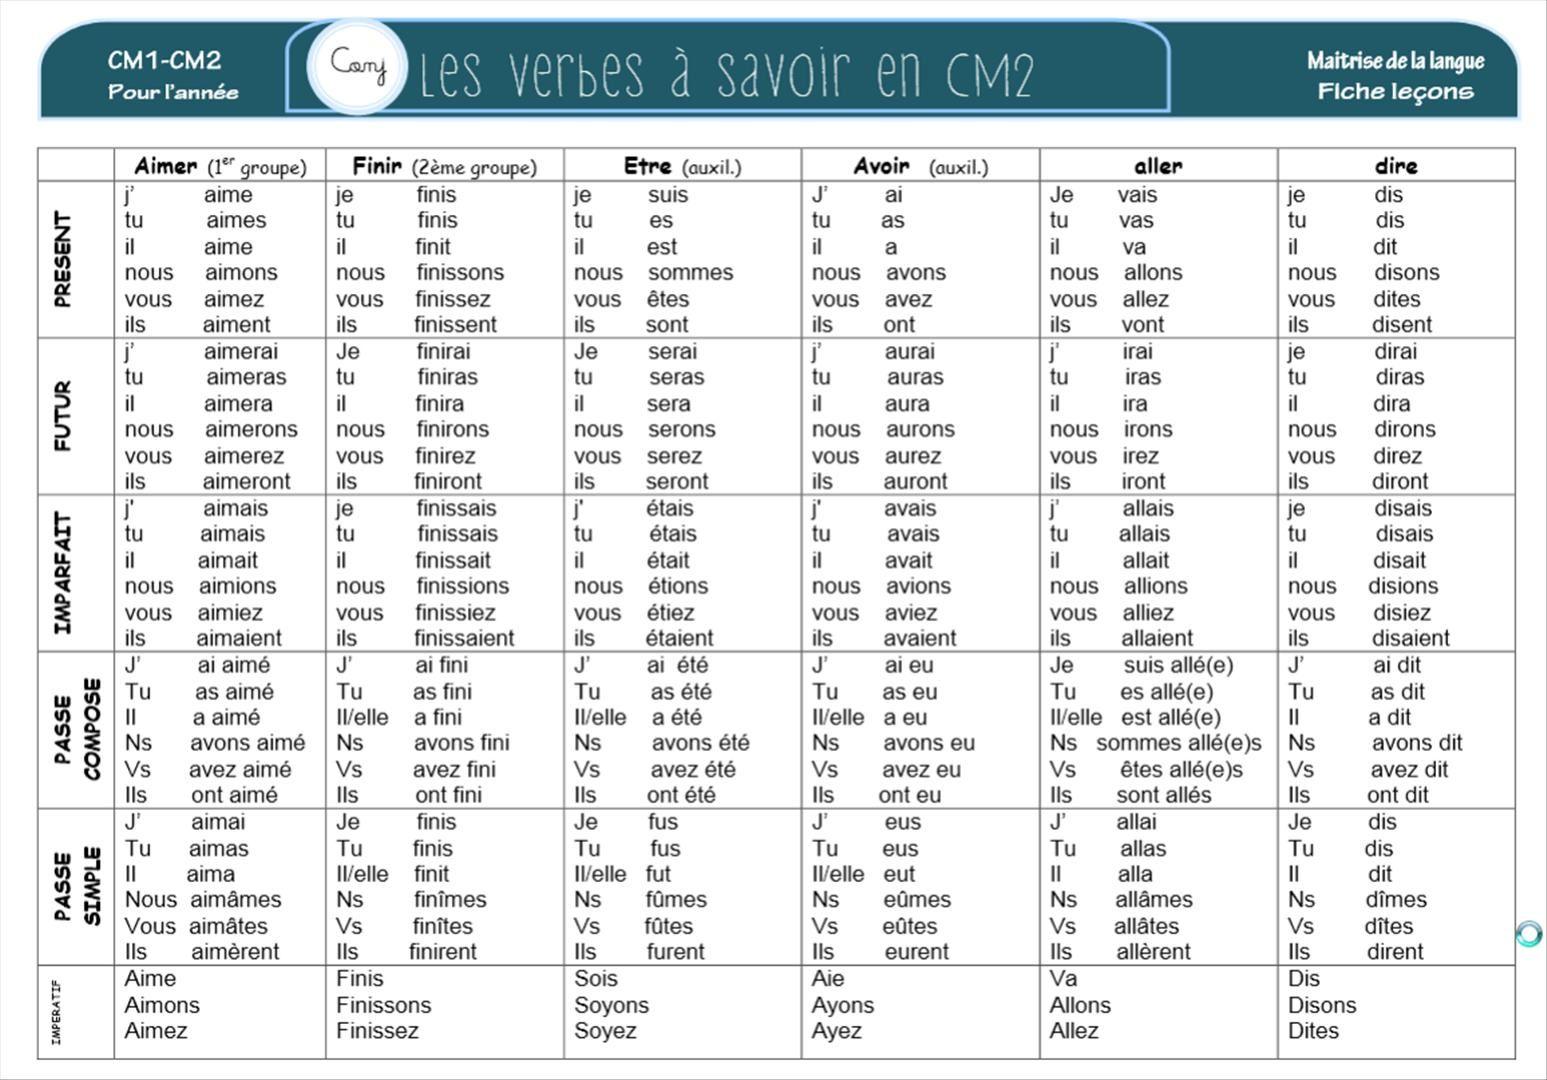 les verbes a savoir en cm2